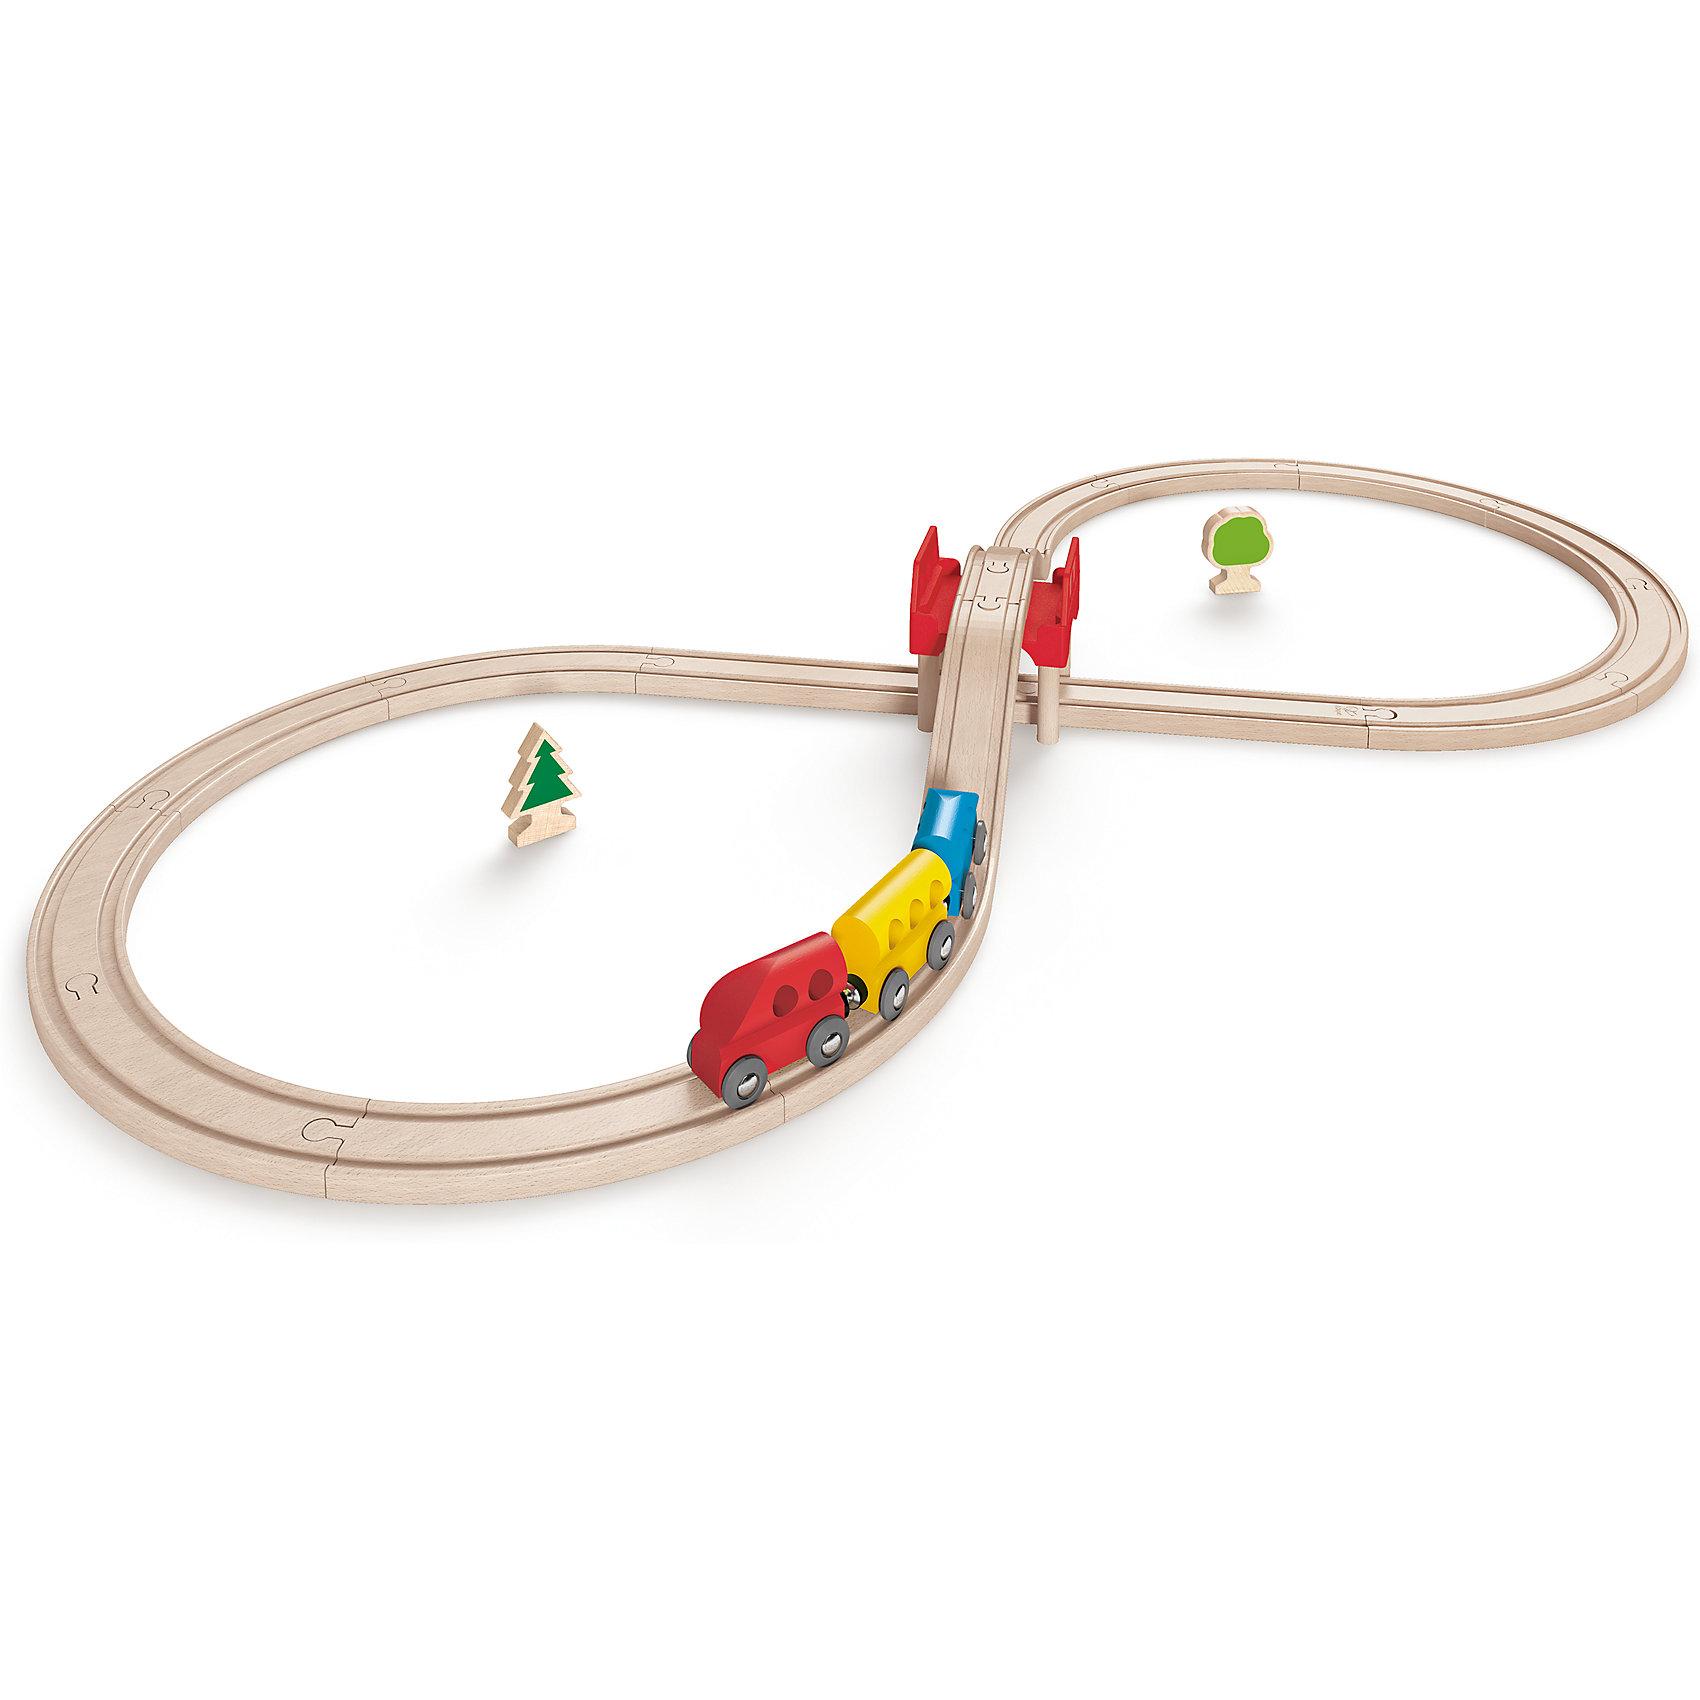 Игровой набор Железная дорога, HapeИгрушечная железная дорога<br>Игровой набор Железная дорога, Hape (Хейп).<br><br>Характеристики:<br><br>- В наборе: 17 элементов для сборки железной дороги, мост, два дерева, три вагончика - красный, голубой и желтый<br>- Протяженность дороги: 3 м.<br>- Размер в собранном виде: 48х6х24 см.<br>- Материал: древесина<br><br>Игровой набор состоит из железной дороги в виде восьмерки, трех вагонов и дополнительных элементов – двух деревьев и мостика. Яркие цвета вагонов и деревьев отлично сочетается с нежным и спокойным цветом железной дороги. Железная дорога собирается из отдельных элементов по принципу пазла.  Затруднений со сборкой железнодорожного полотна у ребенка не возникнет, так как элементы довольно крупные. Вагоны крепятся друг к другу магнитными элементами, расположенными в передней и задней частях, что позволяет беспрепятственно отсоединять их, комбинировать по ходу игры. Вагоны плавно и быстро едут по деревянным рельсам, а спускаясь с моста, могут по инерции проехать полный круг. Набор изготовлен из отлично отшлифованного, натурального дерева, окрашенного нетоксичной краской.  Играя с набором Железная дорога, ребенок будет не только получать удовольствие от игры, но и развивать мелкую моторику рук, фантазию, воображение, координацию движений, конструкторские и игровые навыки.<br><br>Игровой набор Железная дорога, Hape (Хейп) можно купить в нашем интернет-магазине.<br><br>Ширина мм: 60<br>Глубина мм: 480<br>Высота мм: 240<br>Вес г: 1467<br>Возраст от месяцев: 36<br>Возраст до месяцев: 84<br>Пол: Мужской<br>Возраст: Детский<br>SKU: 5309150